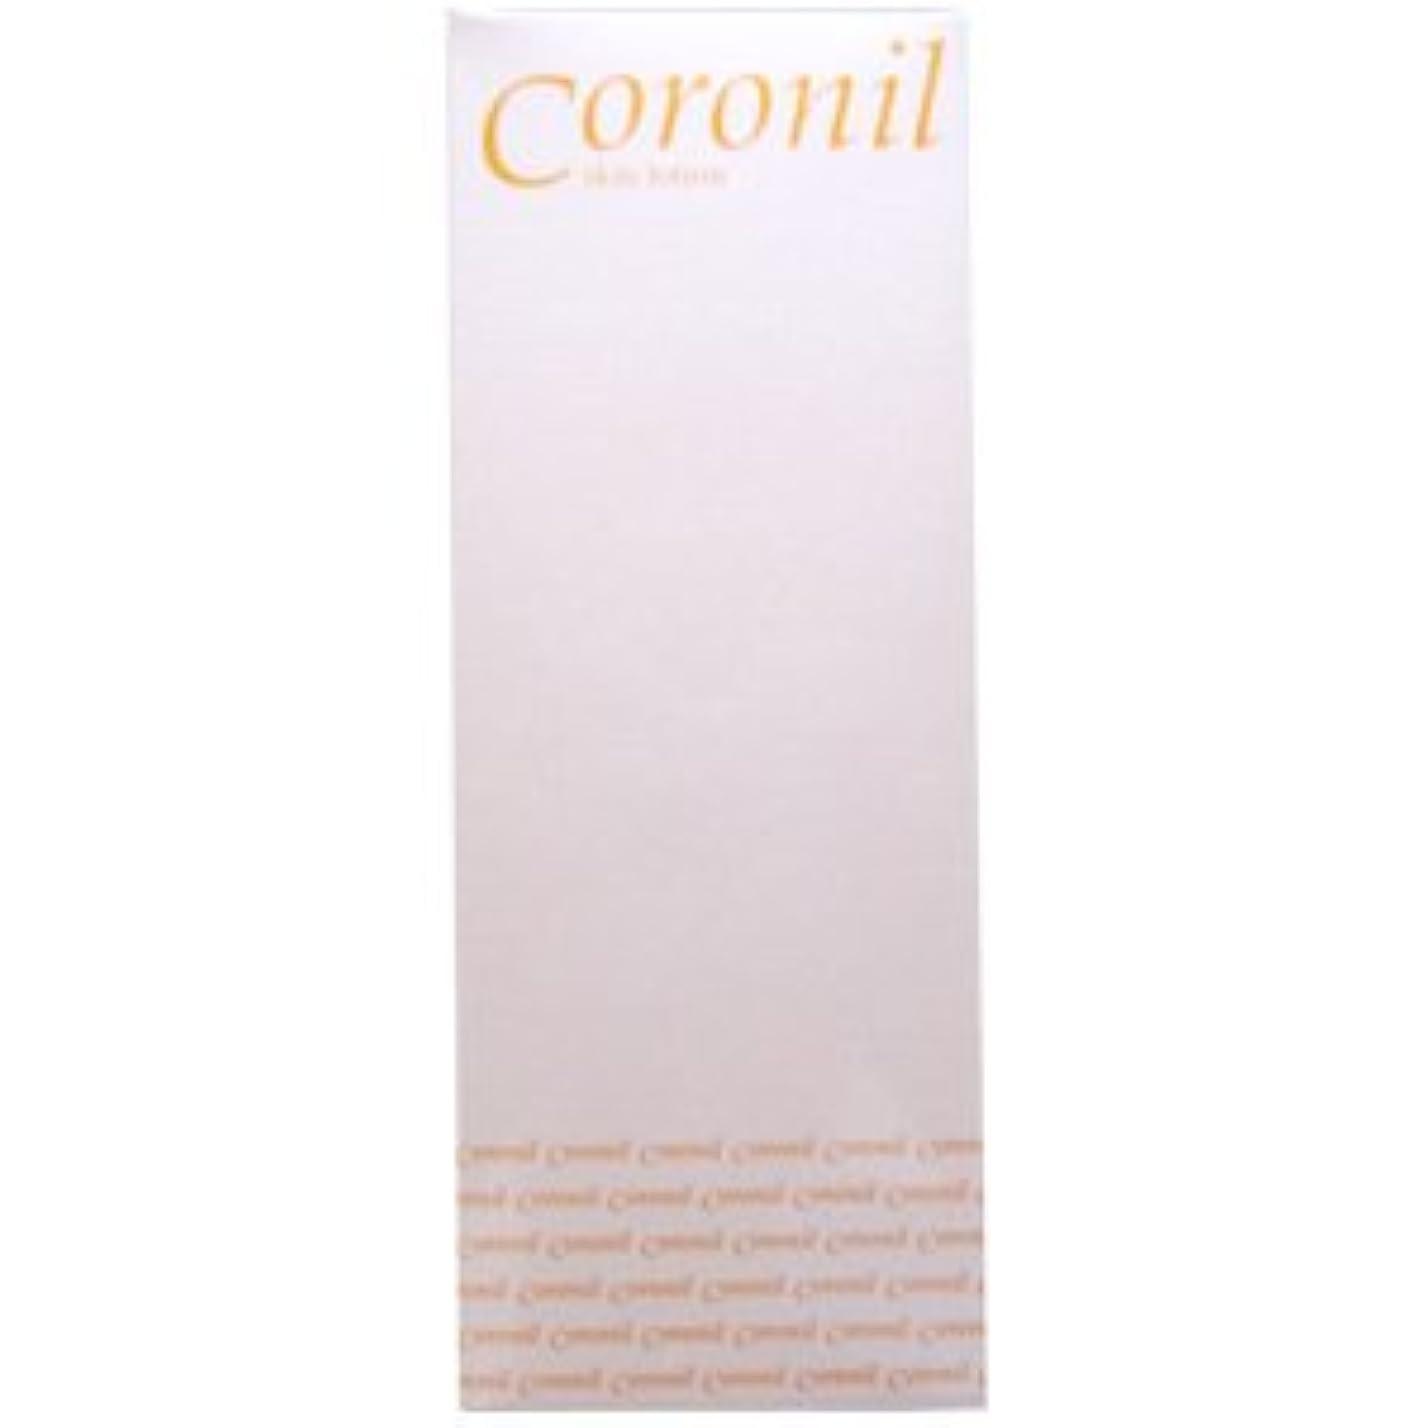 ダーベビルのテス折肌寒いコロニール スキンローション(化粧水)